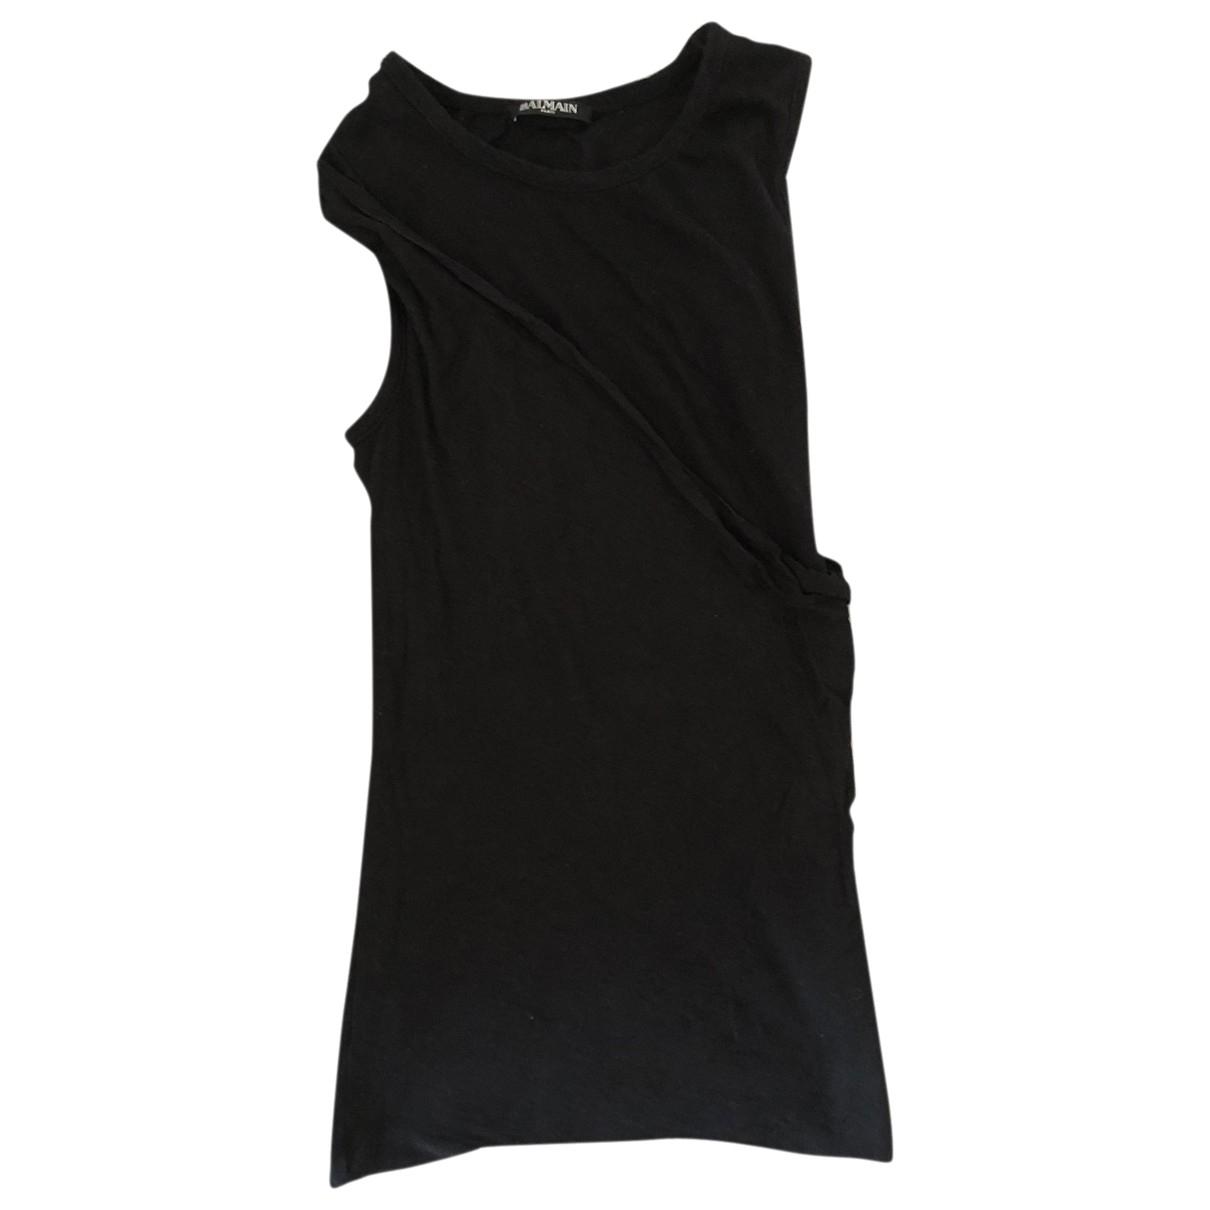 Balmain \N Black Cotton  top for Women 38 IT